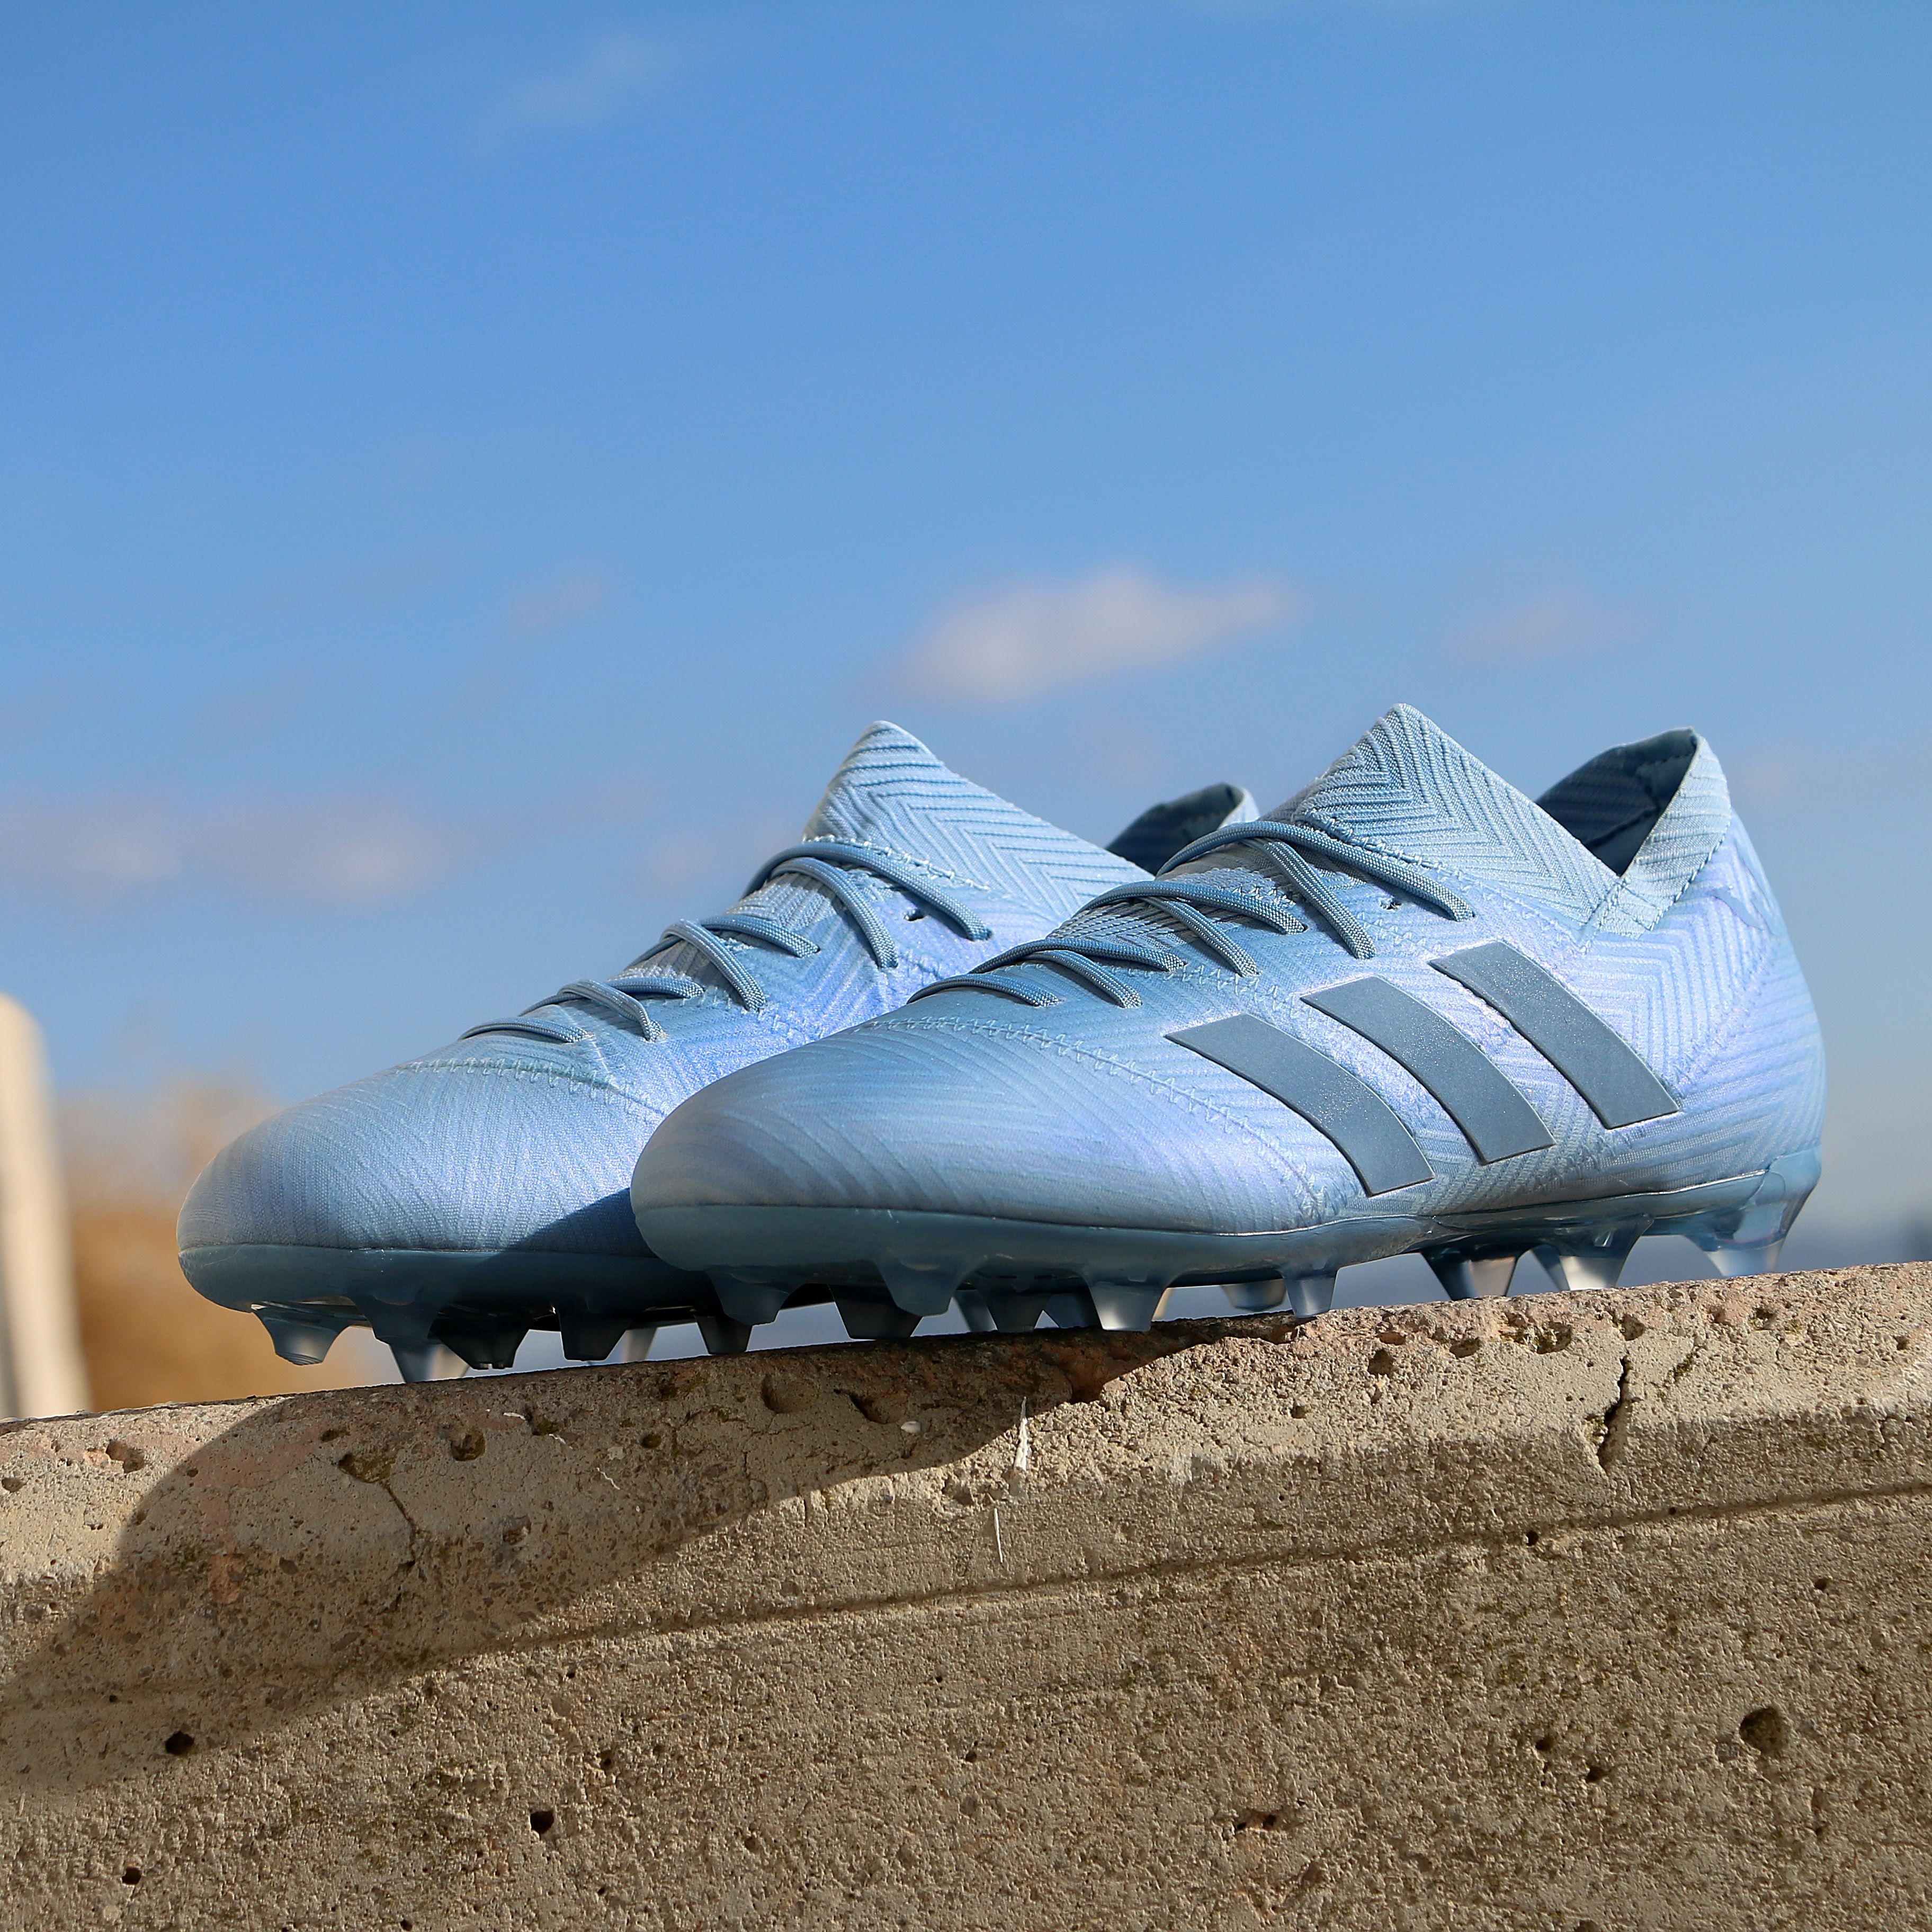 fractura El actual adolescente  Haz realidad su sueño! Nuevas botas y zapatillas adidas Messi. #adidas # messi #futbolmania @marcelasansalv… | Botas de futbol, Tacos de fútbol,  Messi y ronaldinho